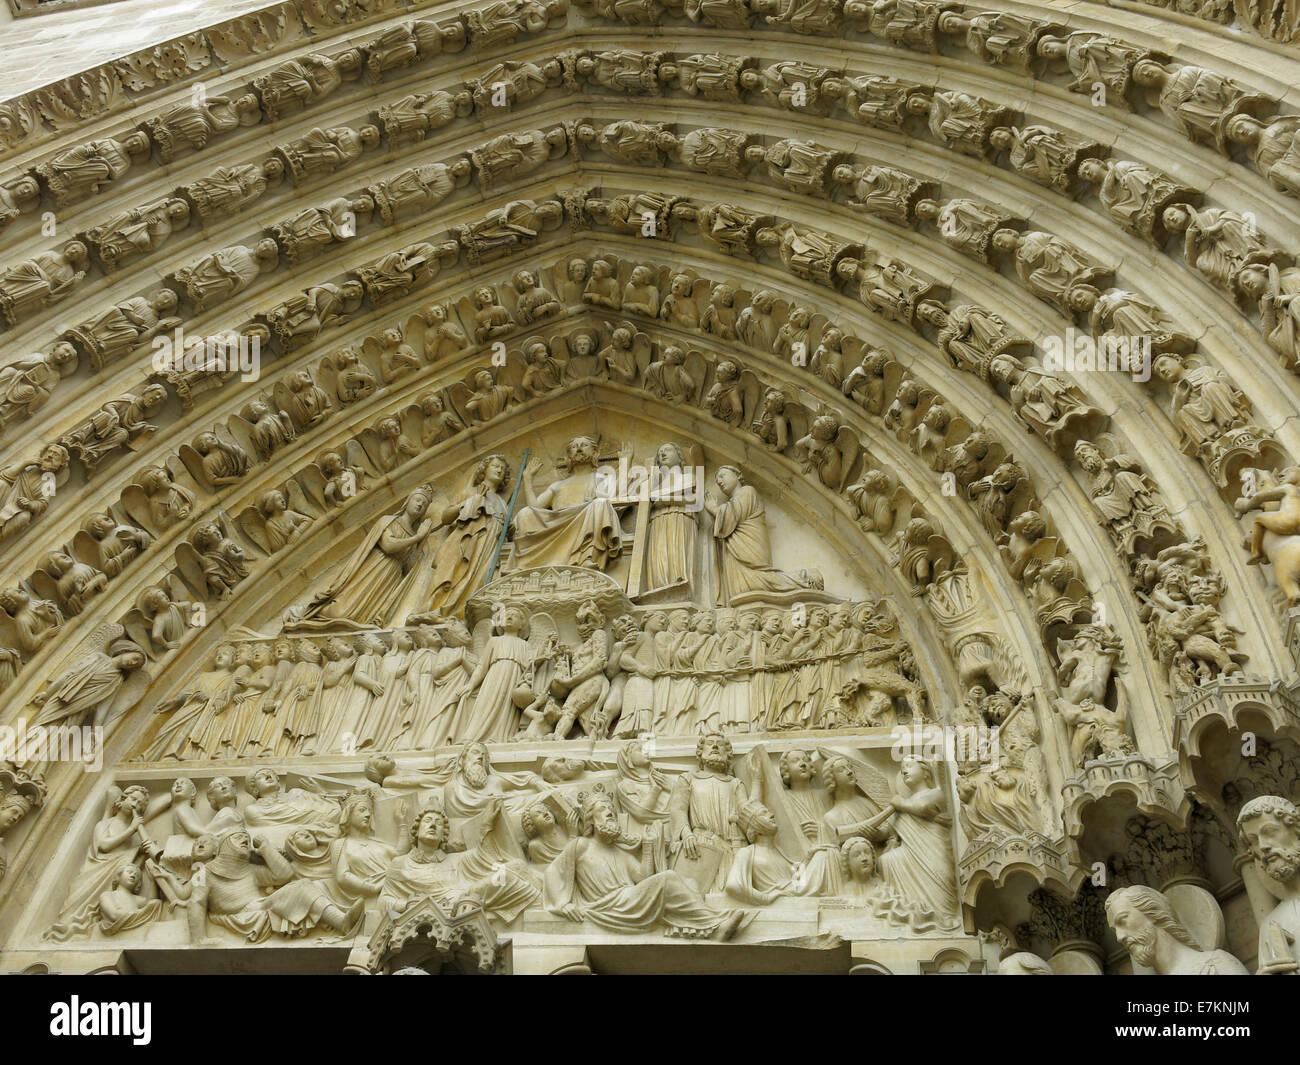 Arch décorative au-dessus de l'une des portes avant de la cathédrale Notre-Dame, Paris. Banque D'Images